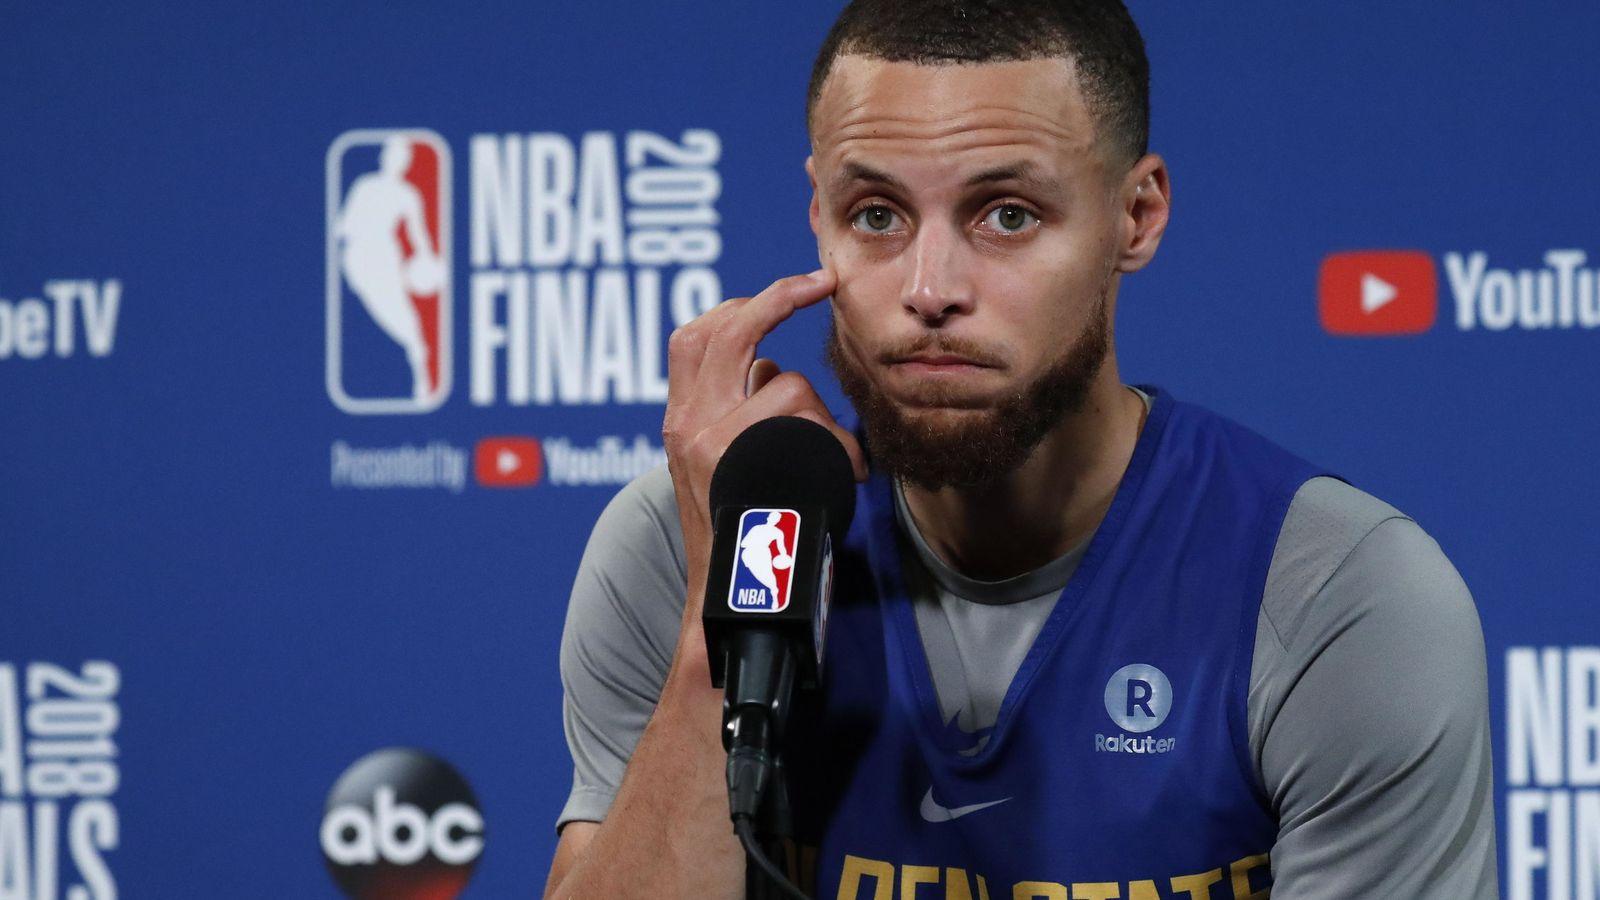 Foto: Stephen Curry lleva toda su carrera jugando con problemas en la vista. (EFE)